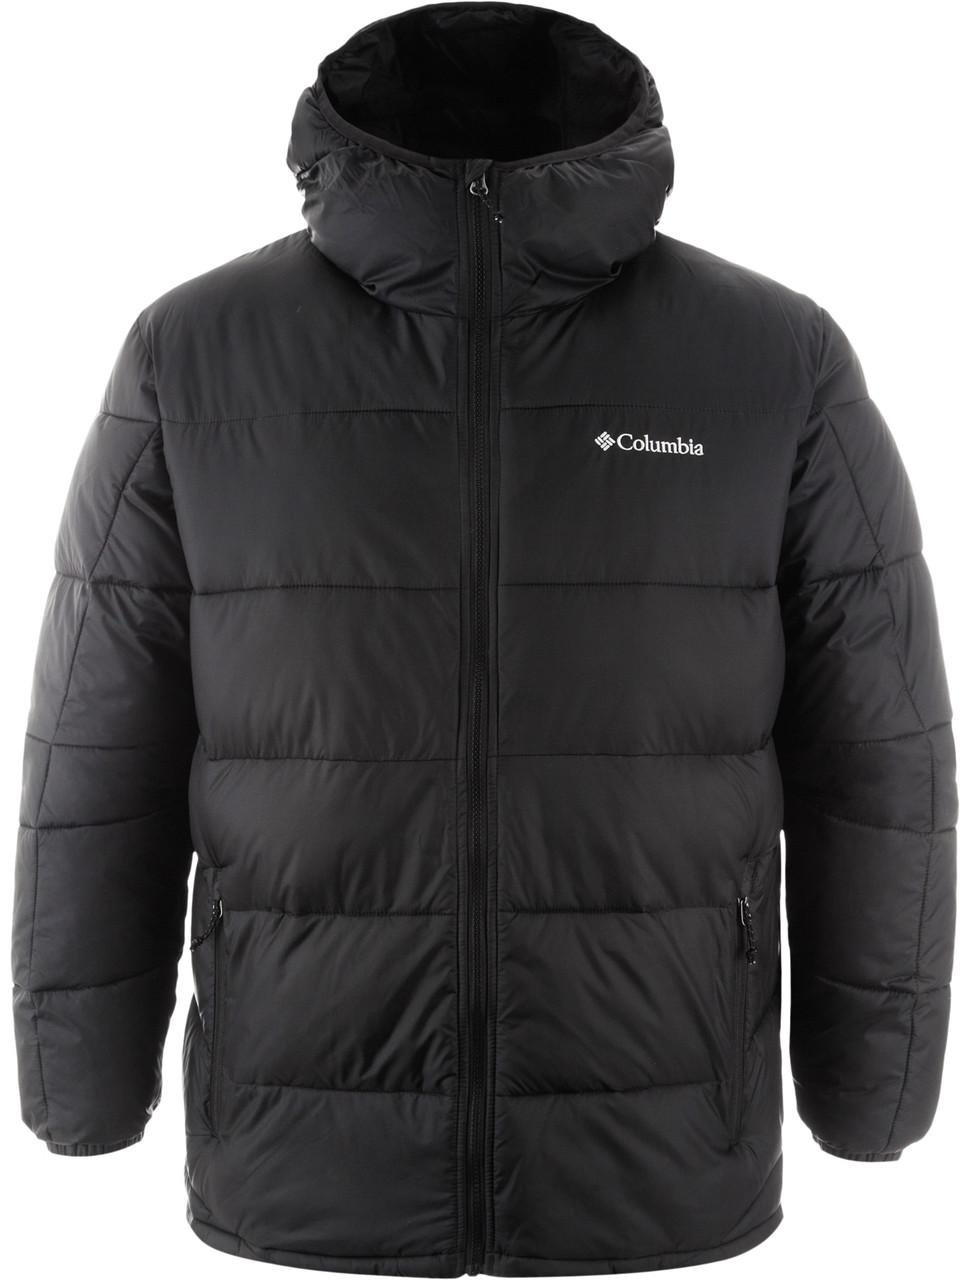 Куртка утепленная мужская Columbia Munson Point  продажа, цена в ... 5e93de3c0c9